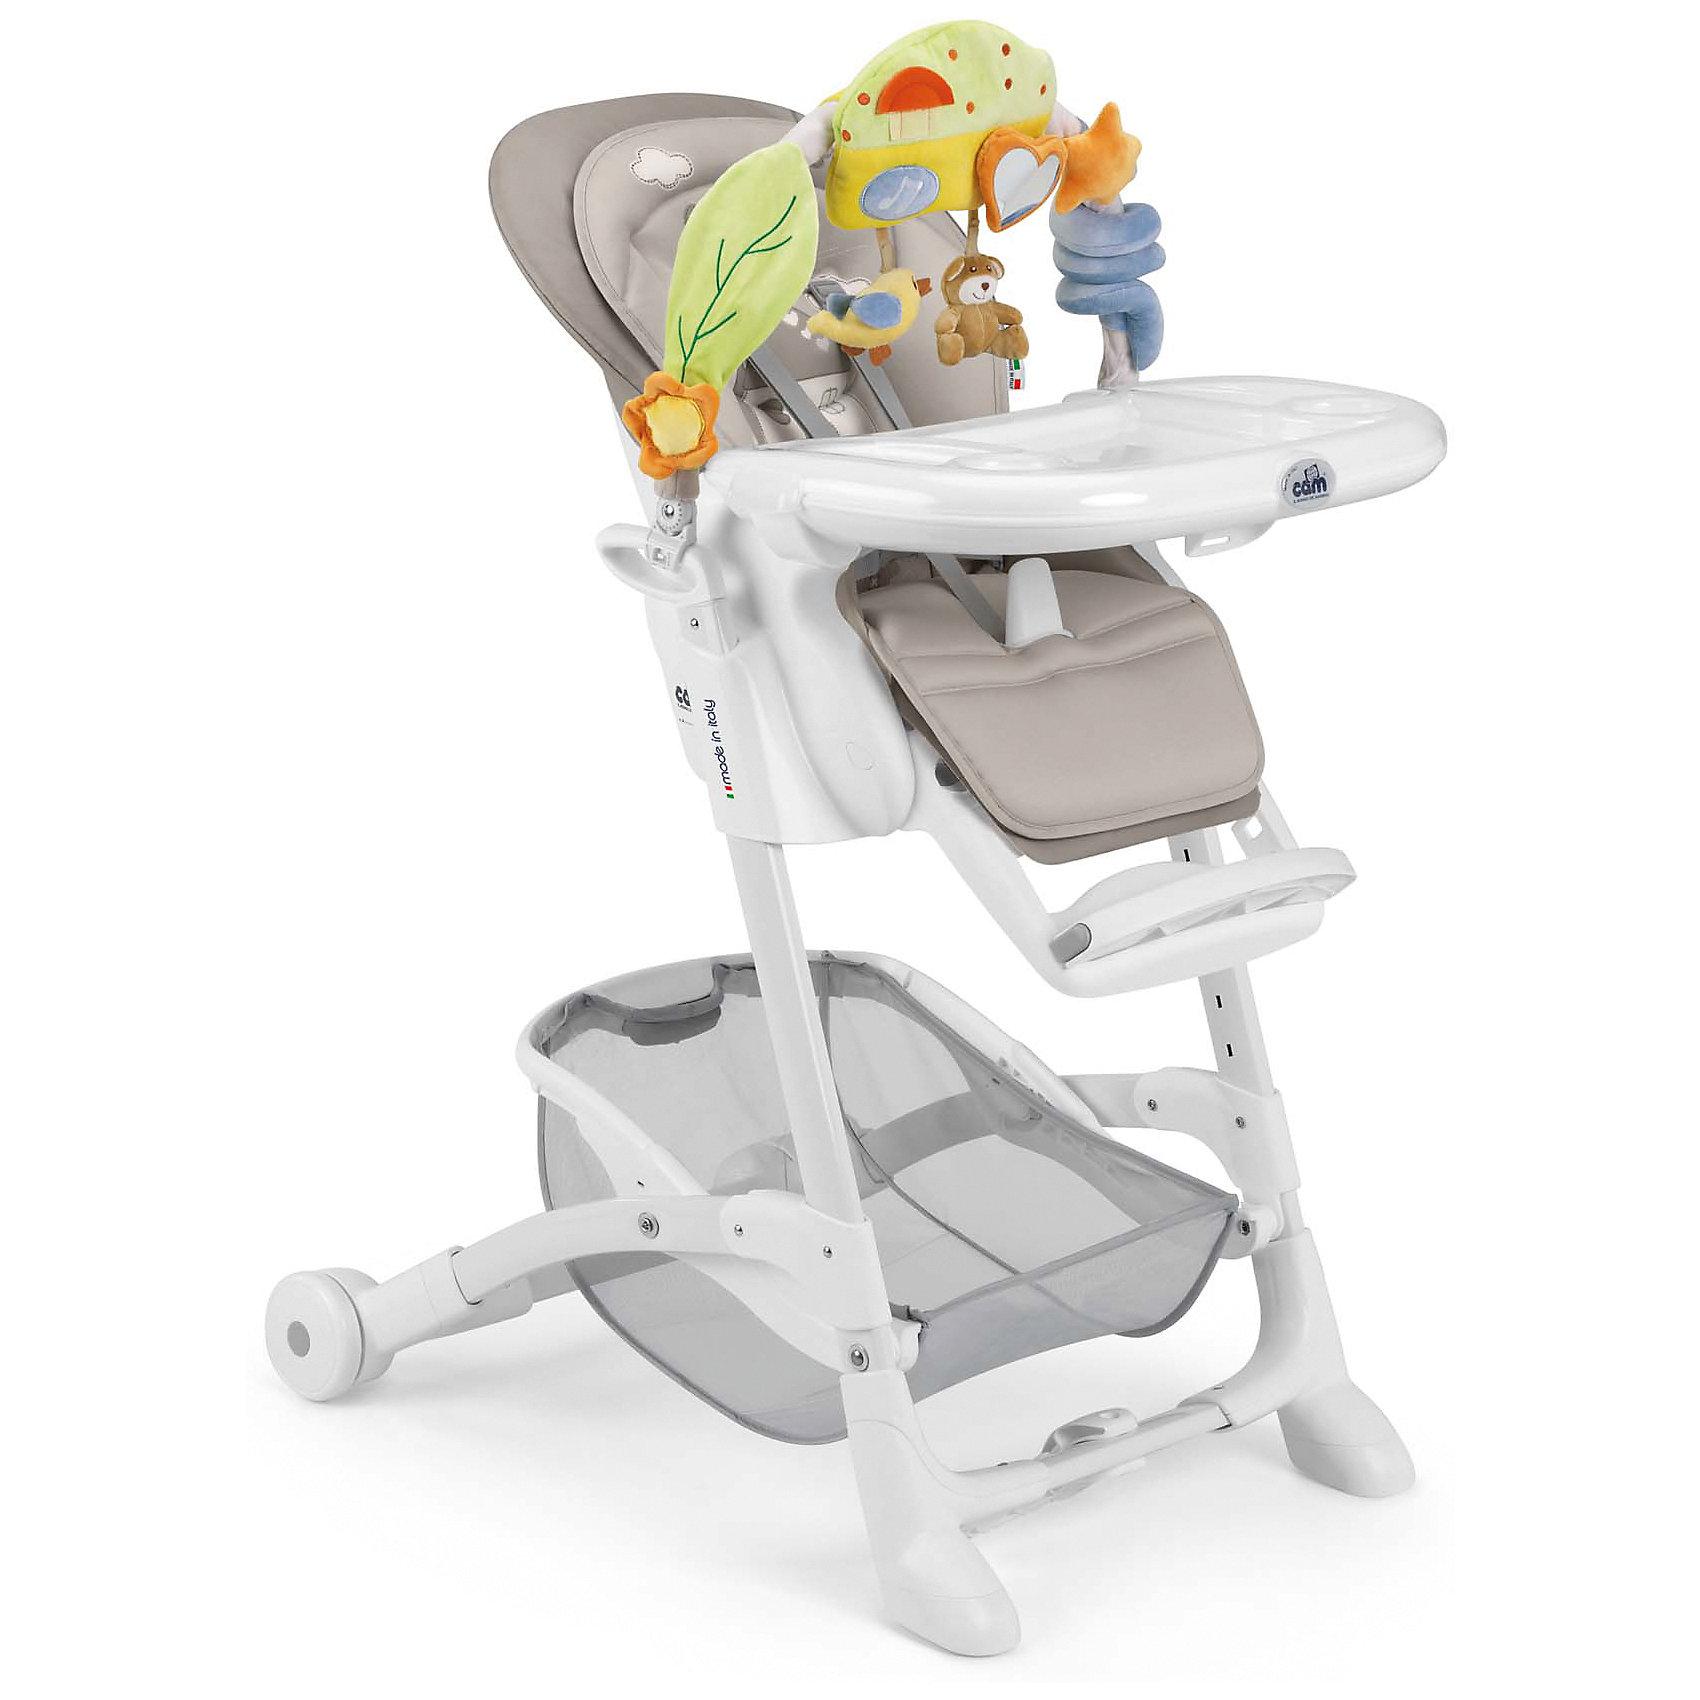 Стульчик для кормления Istante Домик, CAM, темно-серыйот рождения<br>Очень удобный и комфортный стульчик для кормления обязательно понравится малышам! Мягкое сиденье с регулируемой в пяти положениях спинкой, страховочными ремнями и удобным разделителем для ног обеспечит малышам комфорт и безопасность. Стульчик имеет колесики, облегчающие перемещение по квартире; удобную подставку для ножек ребенка; съемный стол можно мыть в посудомоечной машине. Стул выполнен в приятной цветовой гамме, изготовлен из высококачественных прочных и экологичных материалов. Передняя часть рамы снабжена нескользящими ножками, которые обеспечивают дополнительную безопасность. Под сиденьем располагается большая корзина для игрушек и вещей. <br><br>Дополнительная информация:<br><br>- Материал: пластик, металл, <br>- Размер: 80x65x105 см.<br>- Колесики.<br>- Вместительная корзина внизу. <br>- Нескользящие ножки.<br>- Регулируемый наклон спинки (5 положений, до положения лежа).<br>- Компактно складывается.<br>- Съемный стол (можно мыть в посудомоечной машине).<br>- Регулировка по высоте в 5 положениях. <br>- Регулируемая подножка.<br>- 5-ти точечные ремни безопасности.<br>- Чехол снимается и легко моется.<br><br>Стульчик для кормления Istante от CAM, голубой, можно купить в нашем магазине.<br><br>Ширина мм: 587<br>Глубина мм: 272<br>Высота мм: 970<br>Вес г: 12500<br>Возраст от месяцев: 0<br>Возраст до месяцев: 36<br>Пол: Унисекс<br>Возраст: Детский<br>SKU: 5545248